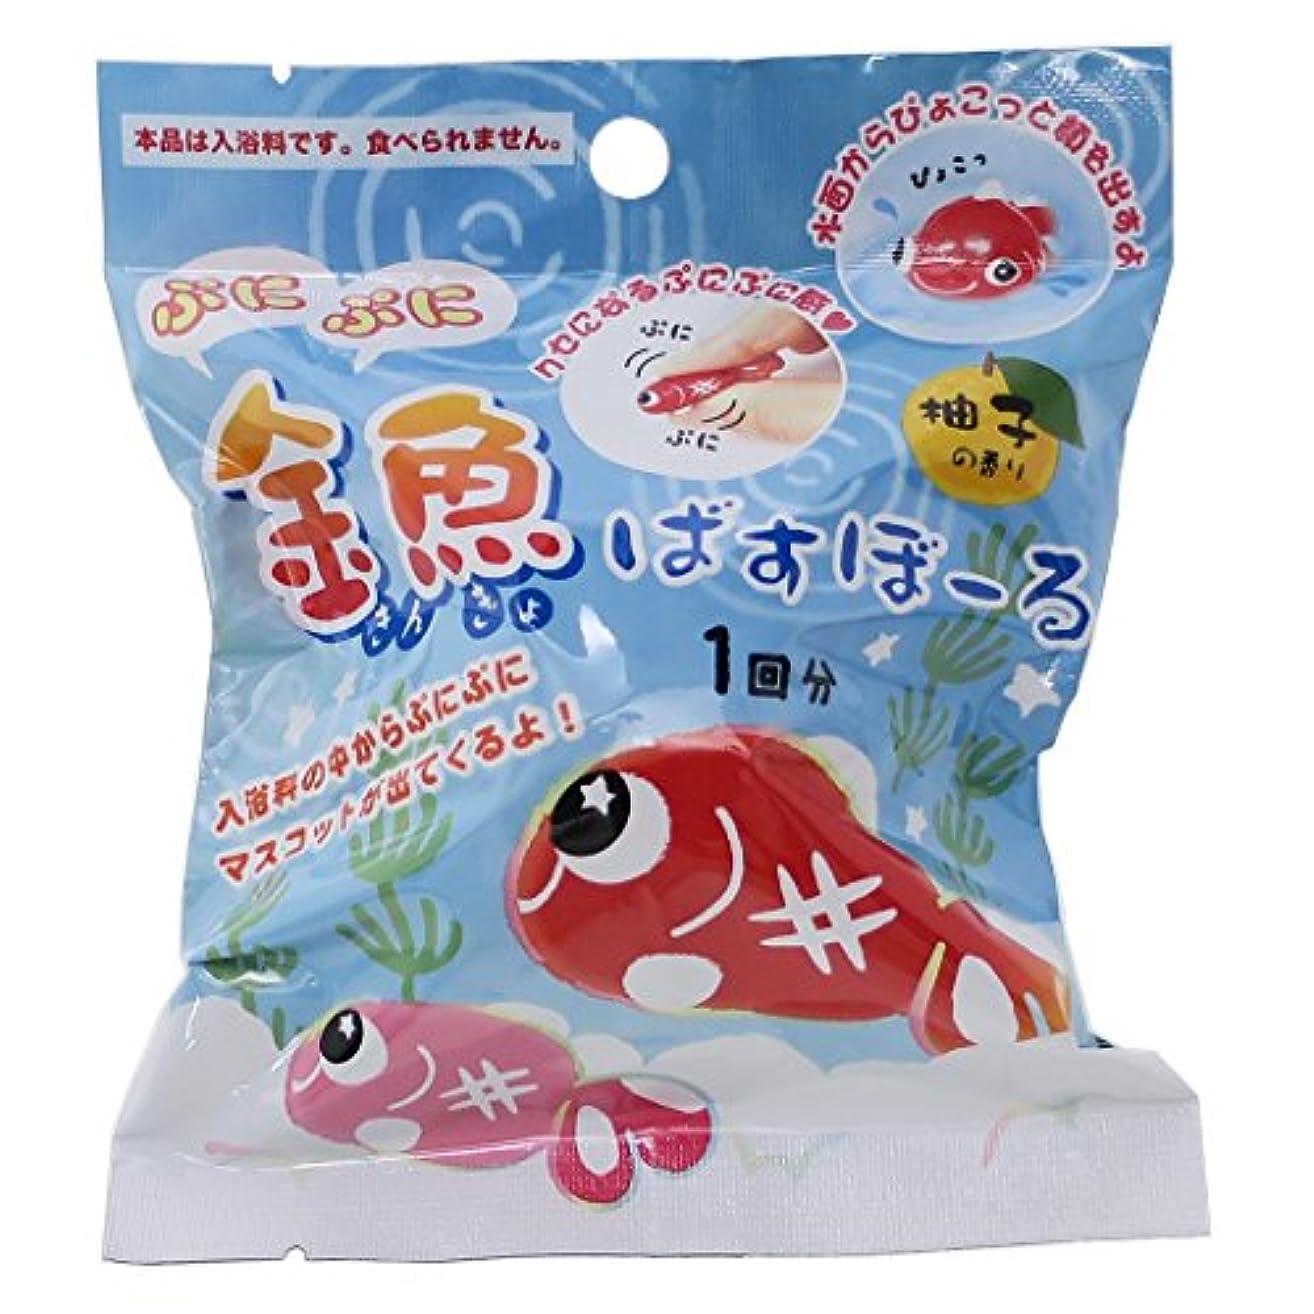 したがってまたね締めるぷにぷに金魚バスボール 柚子の香り 80g 1個入